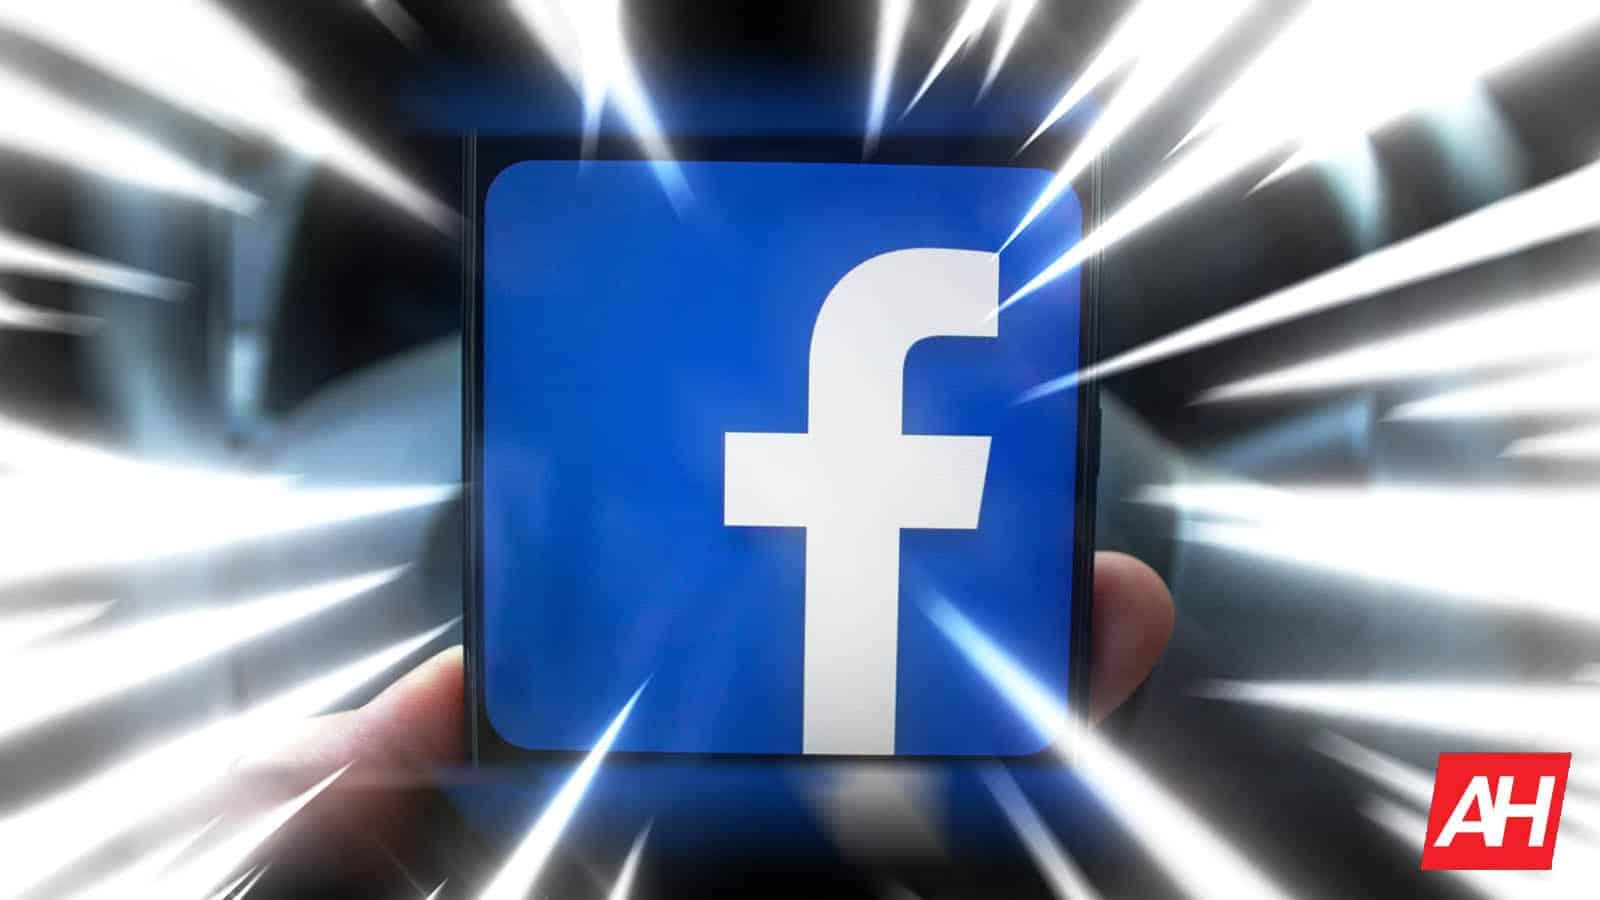 Facebook Fails To Avoid A Potential EU Data Transfer Ban